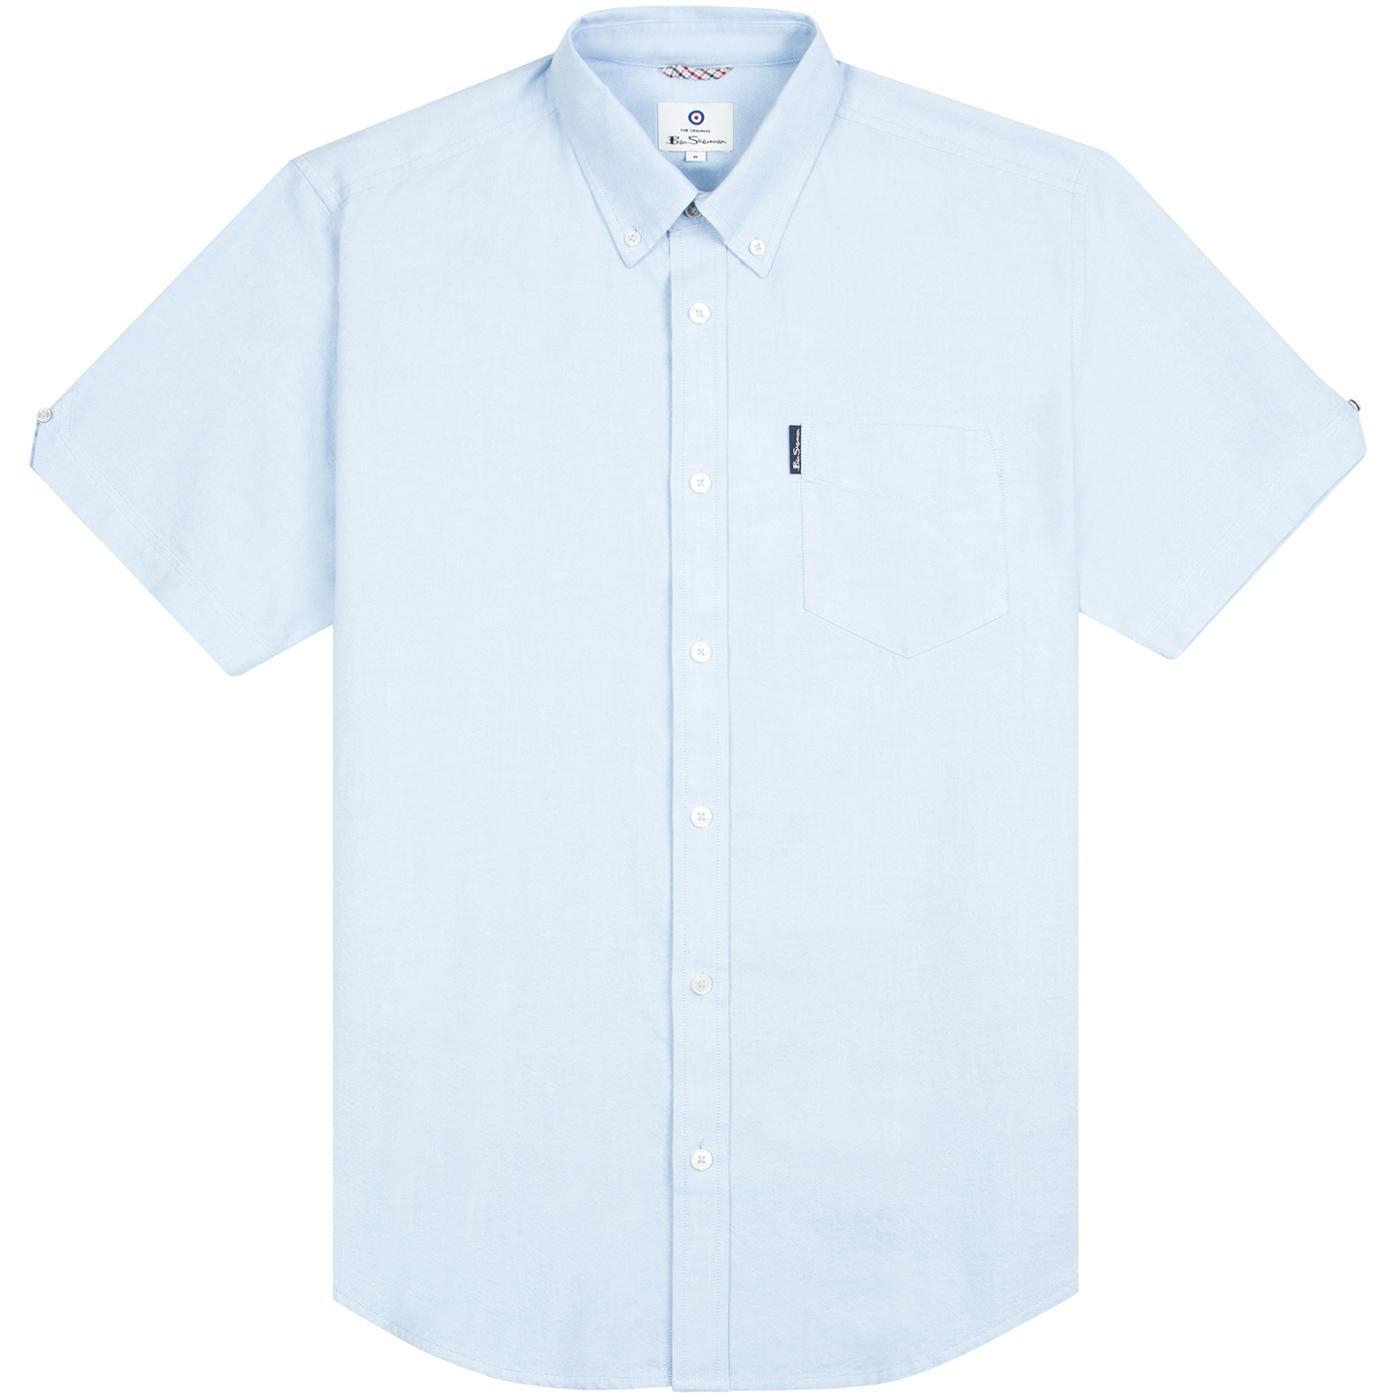 BEN SHERMAN 60s Mod SS Signature Oxford Shirt SKY